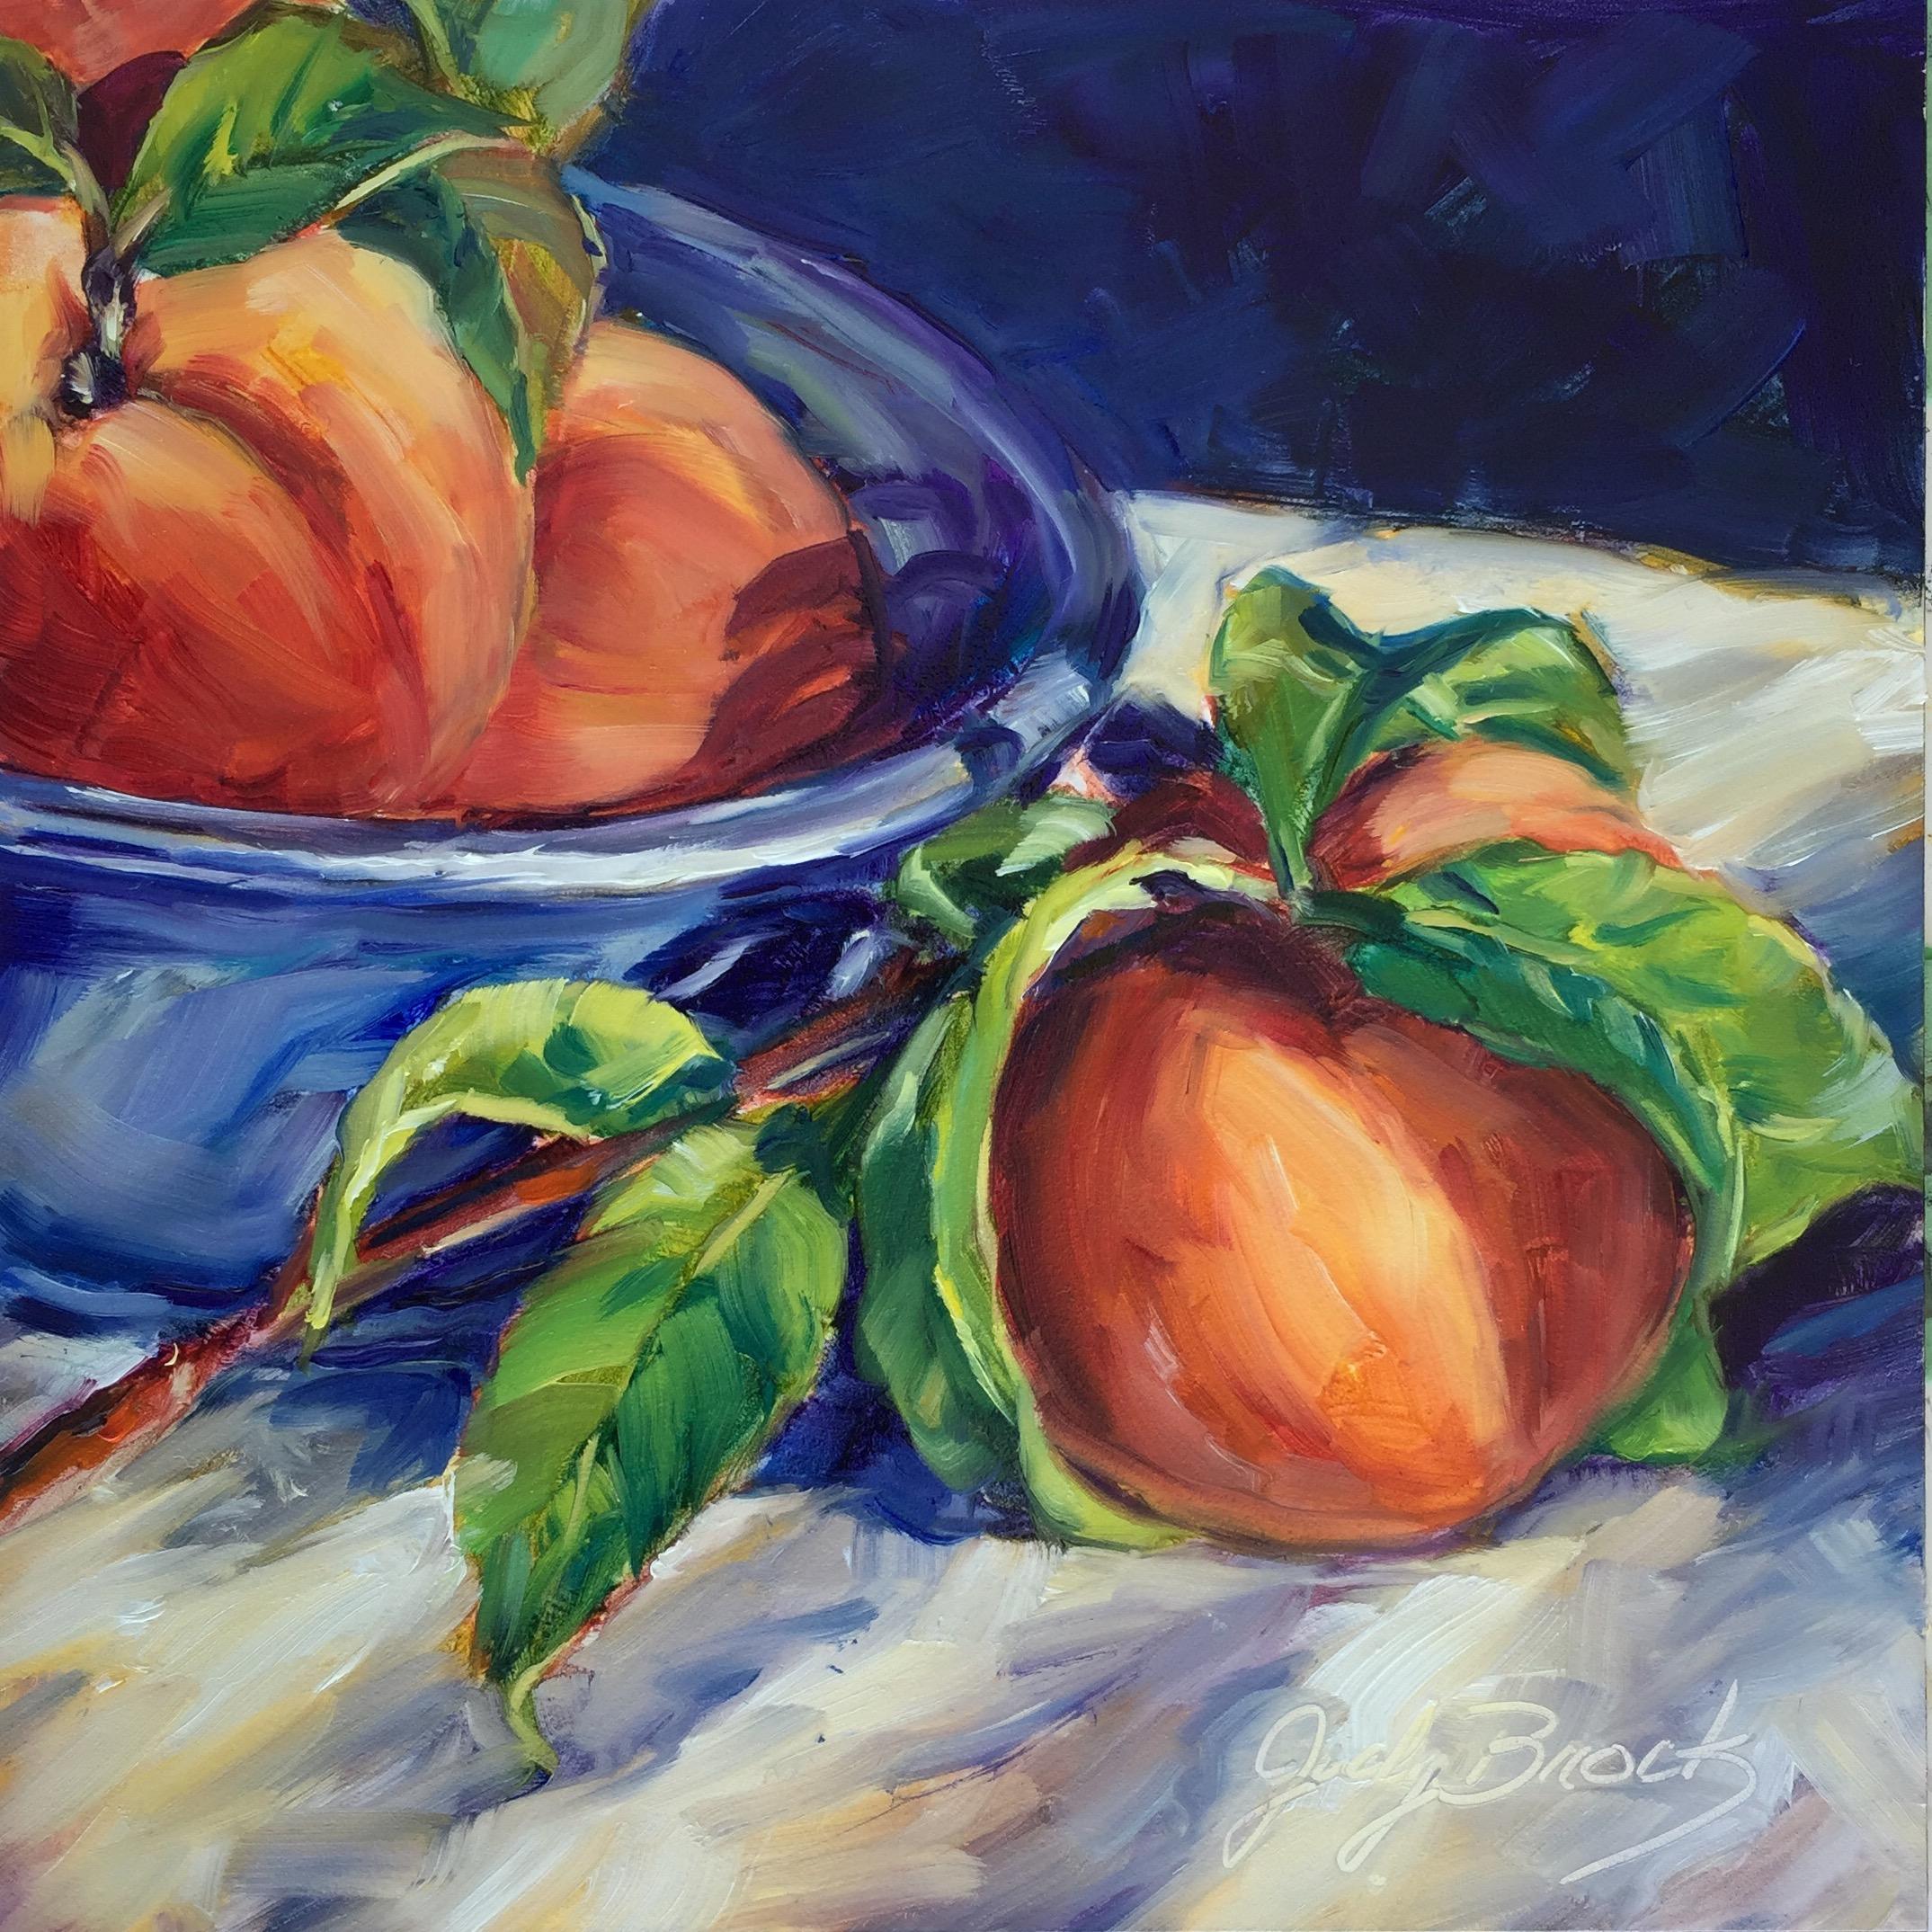 Peaches in a Blue Bowl